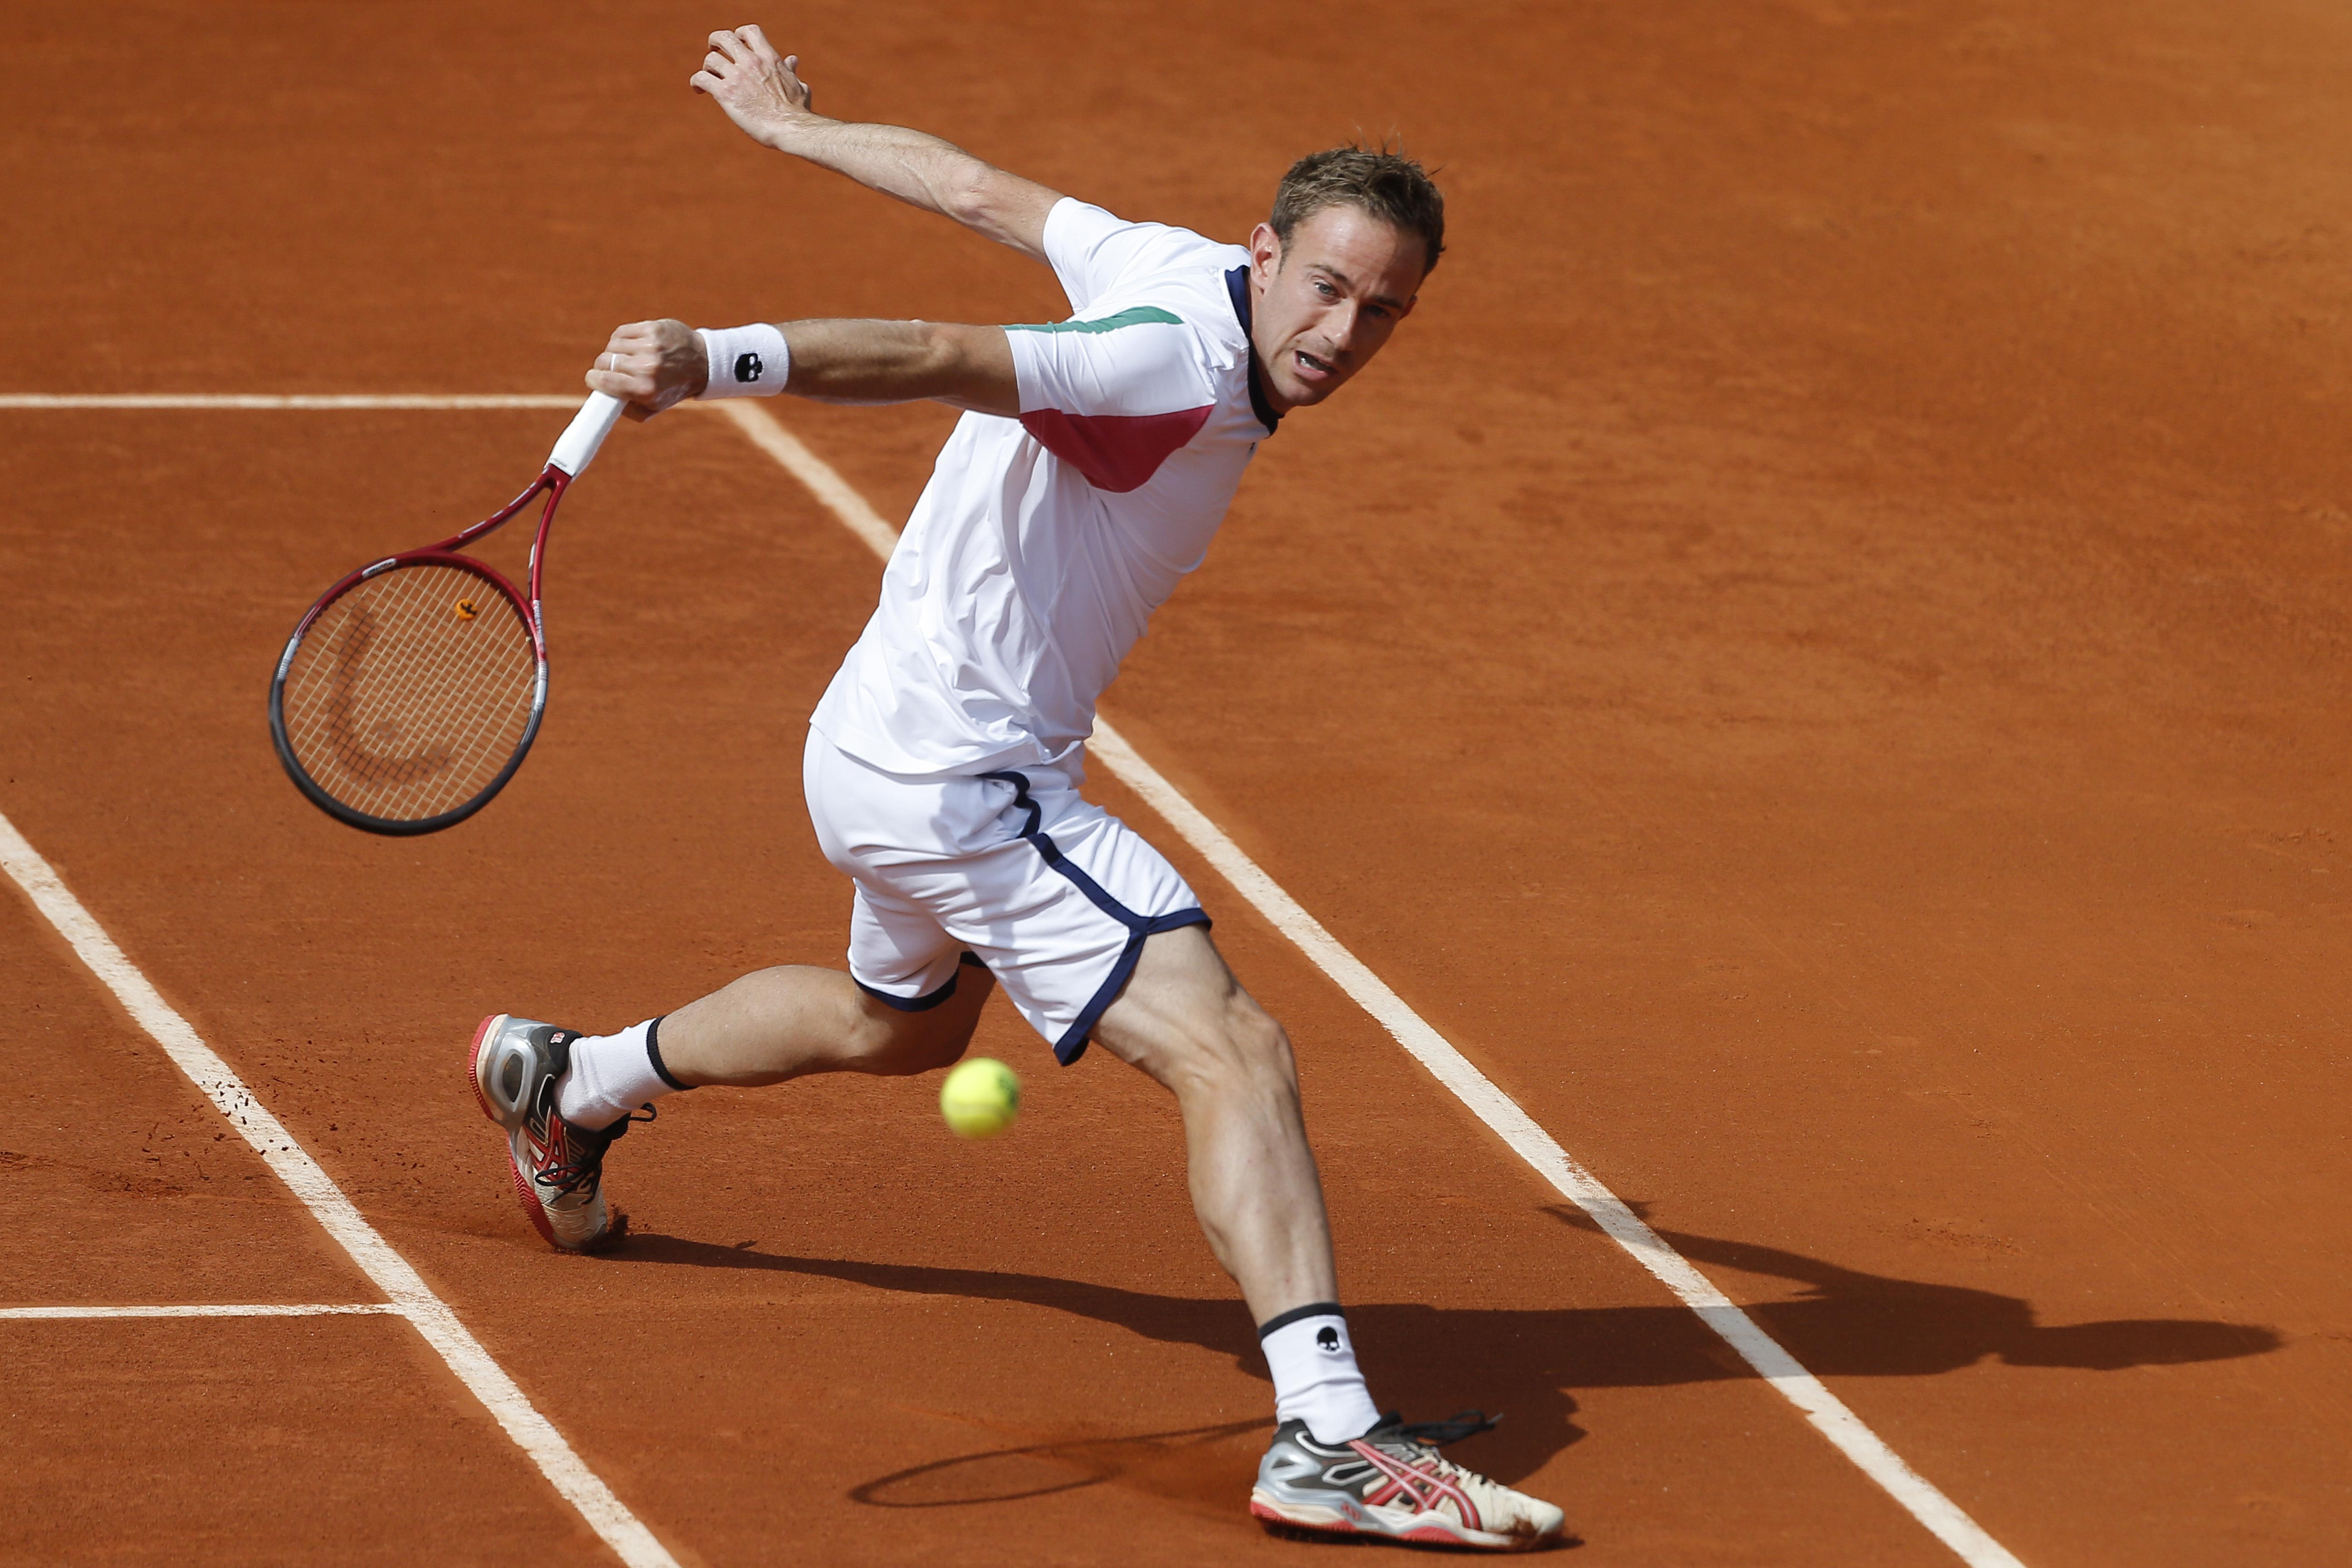 france_tennis_french_open-da2a4d3de44749_r4357.jpeg